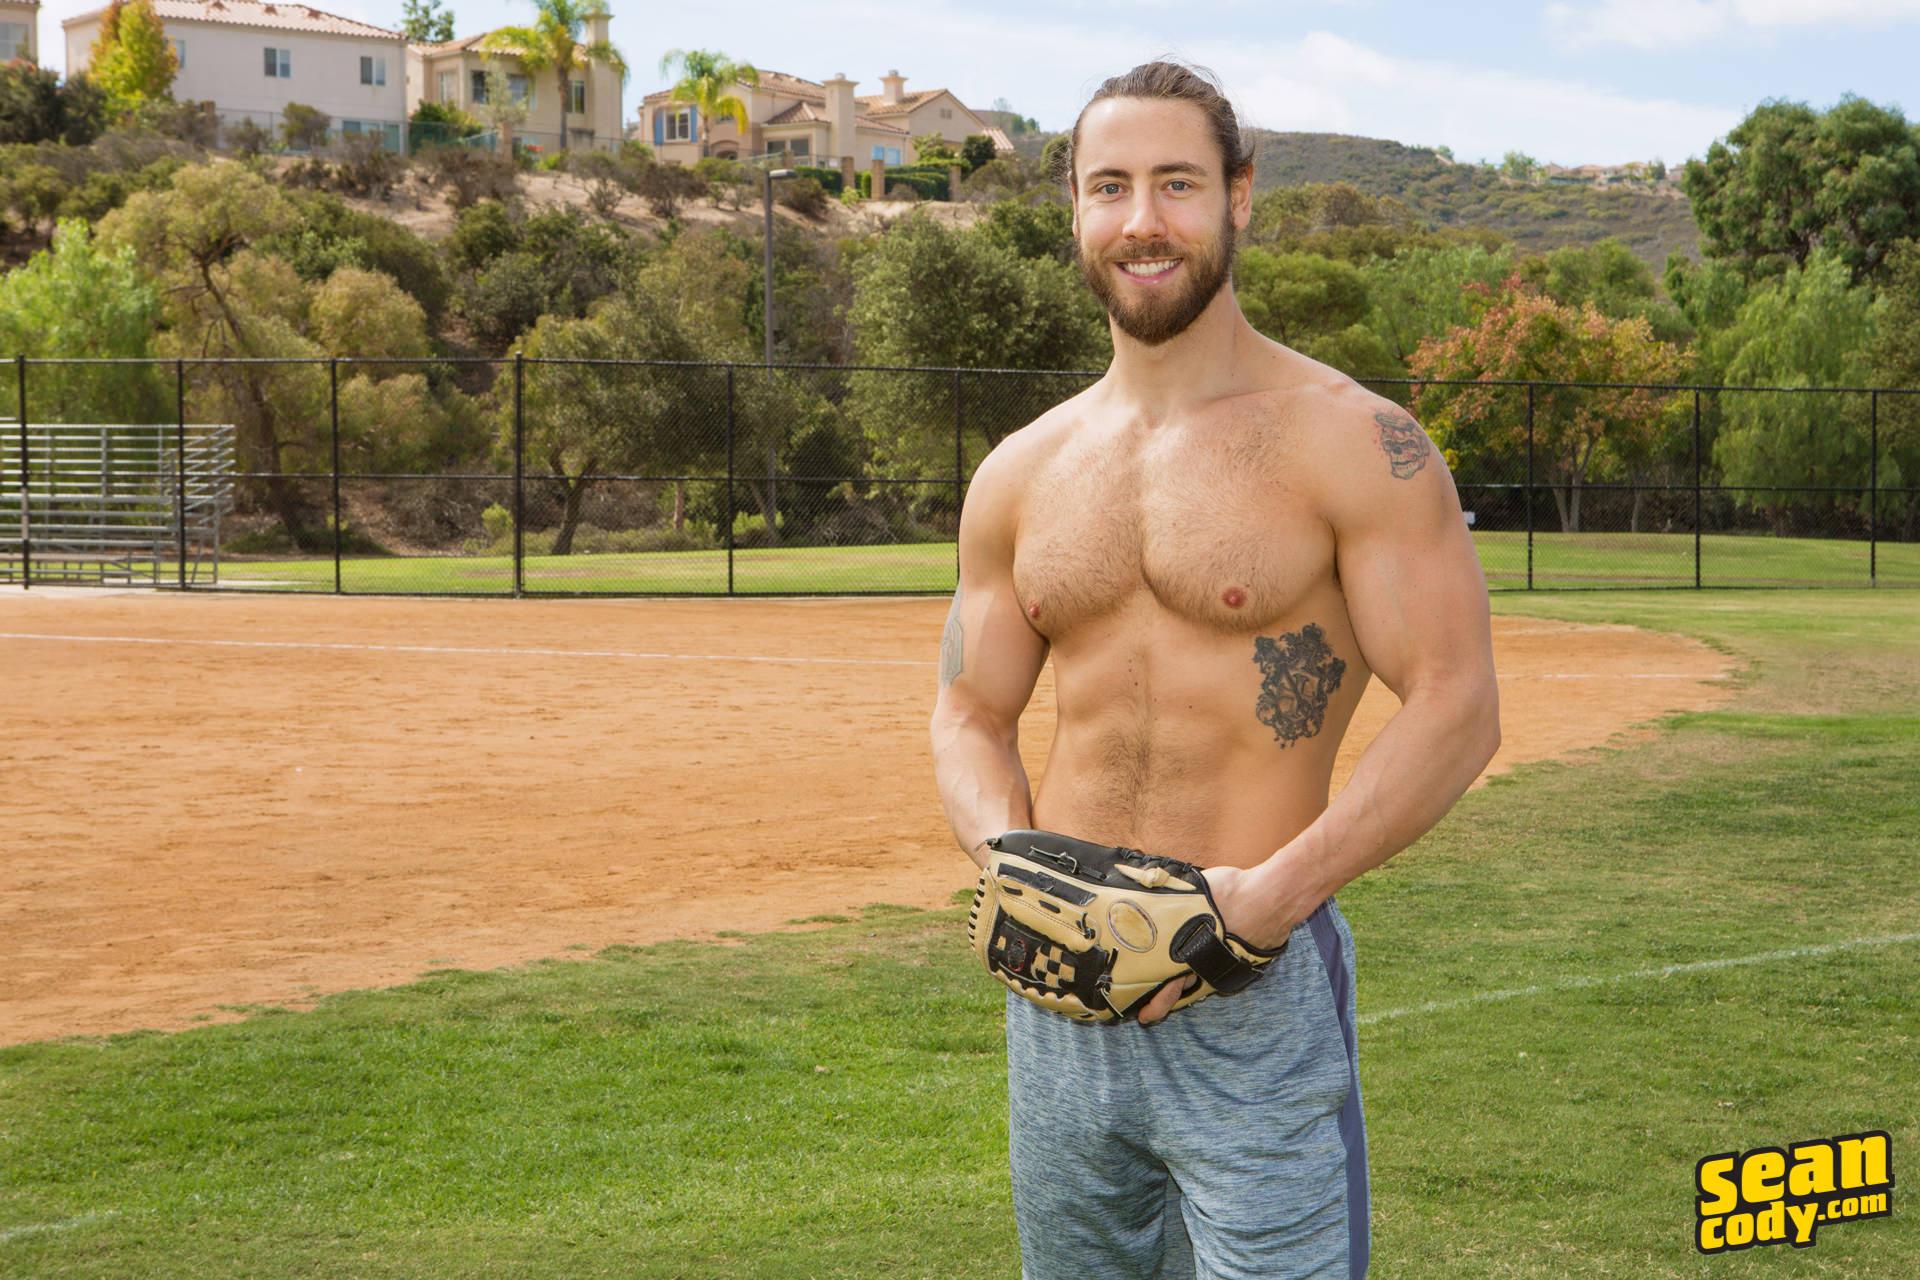 from Johnathan gay softball dallas